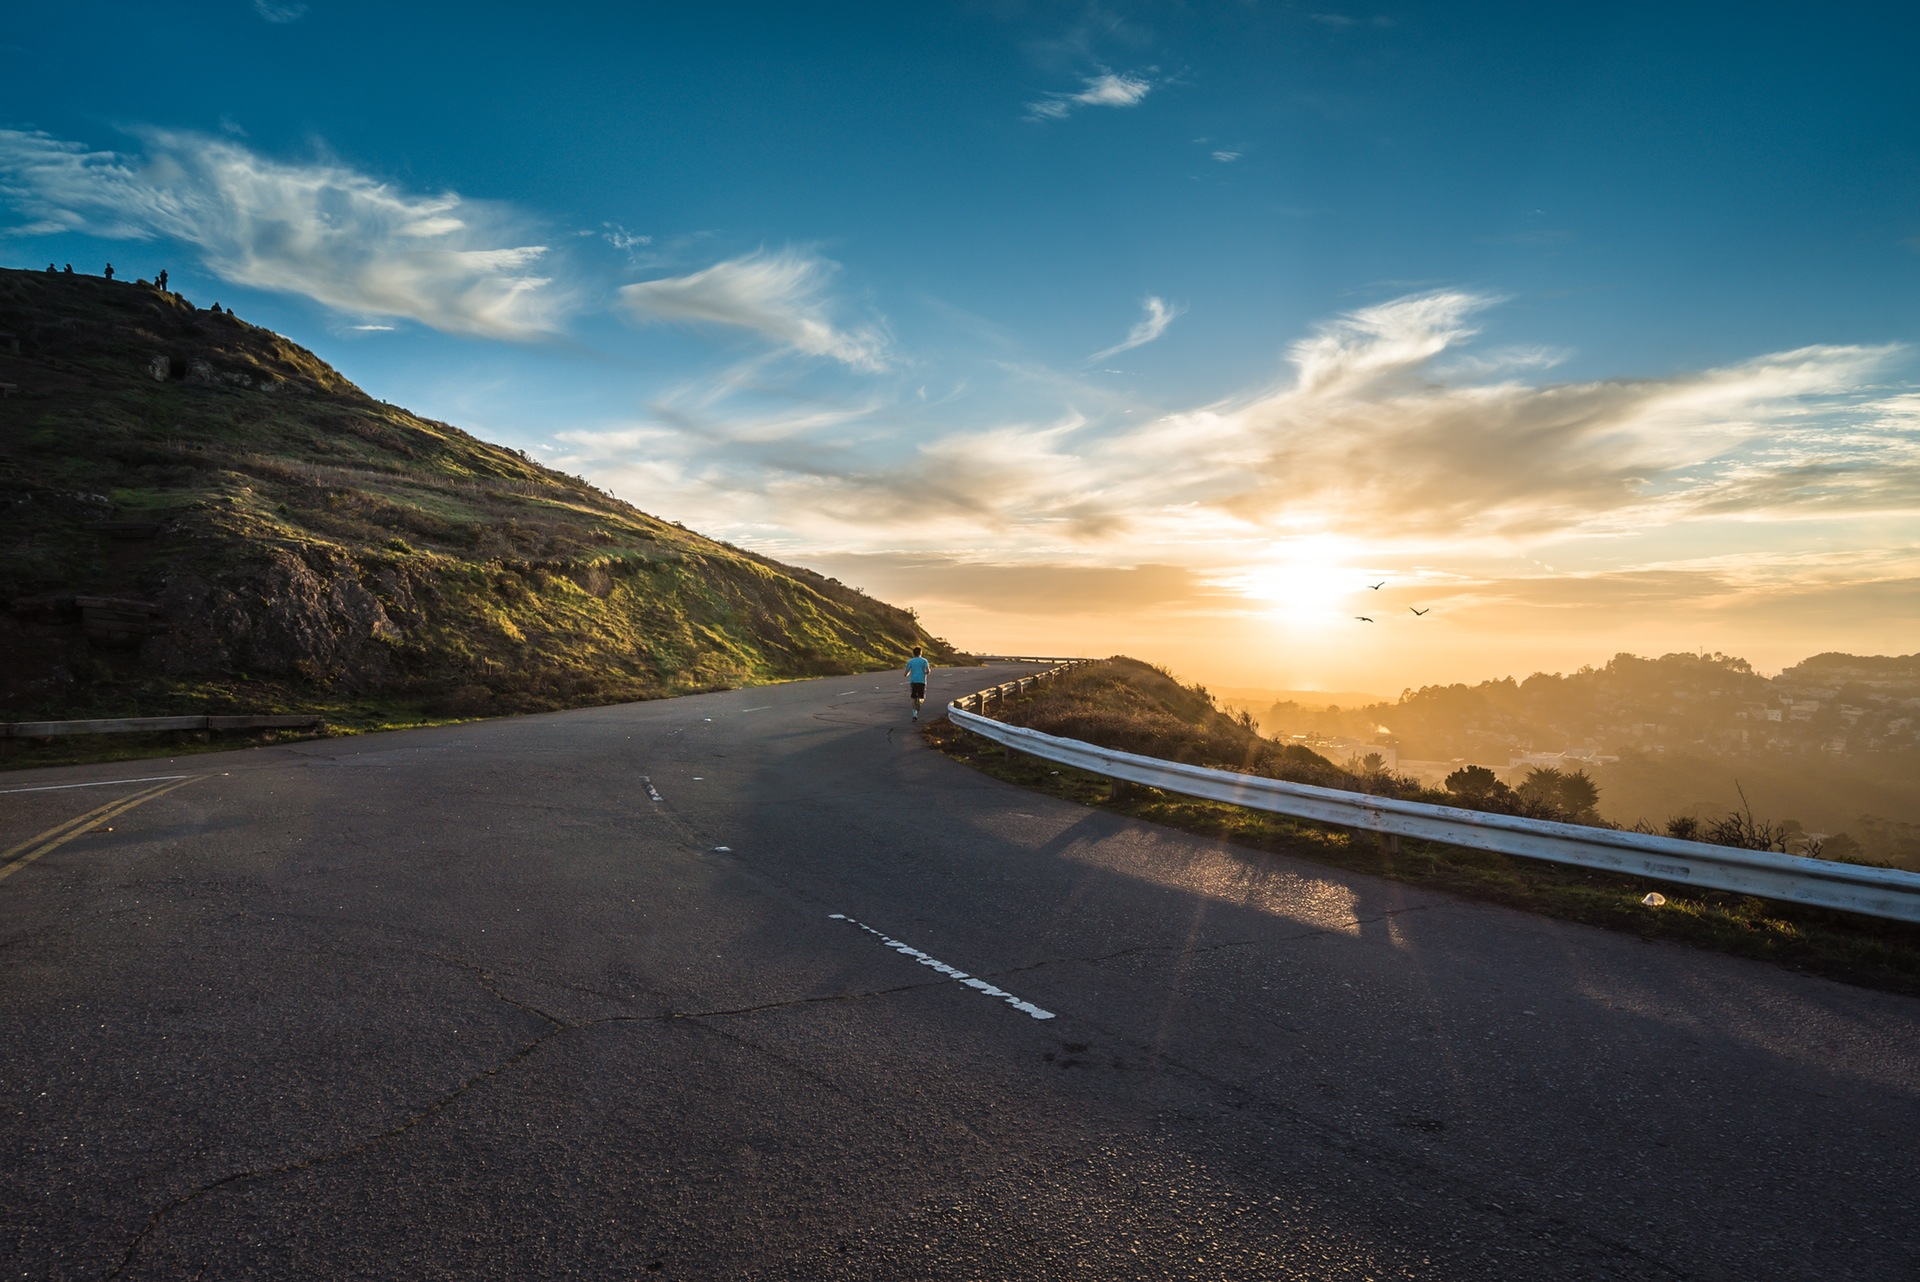 道路, 黎明, 大厅, 山脉, 天空, 云彩, 曲线, 运行, 赛跑者 - 高清壁纸 - 教授-falken.com